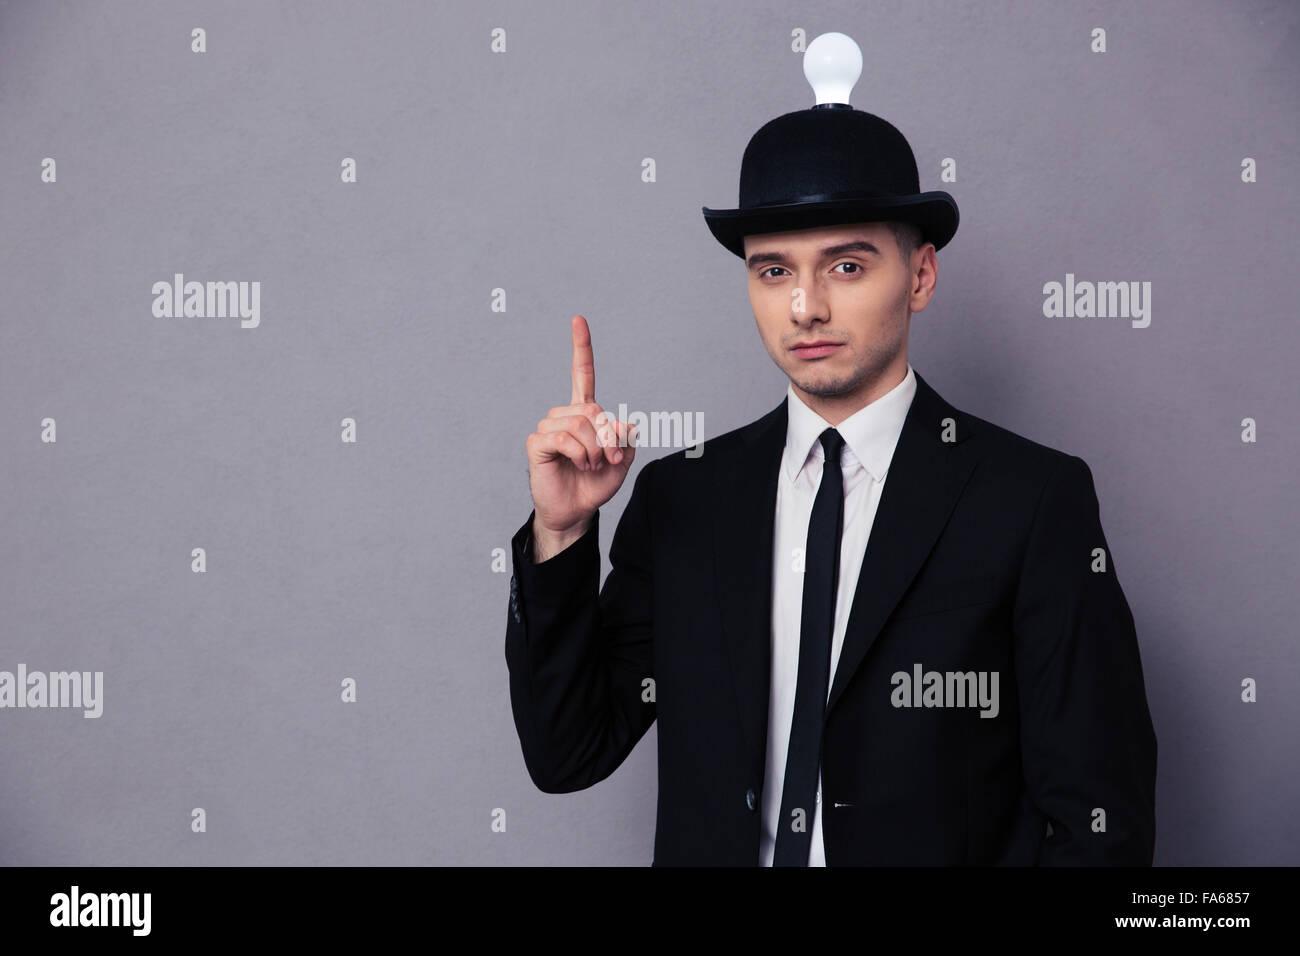 Retrato de un joven empresario de tener idea sobre fondo gris Imagen De Stock